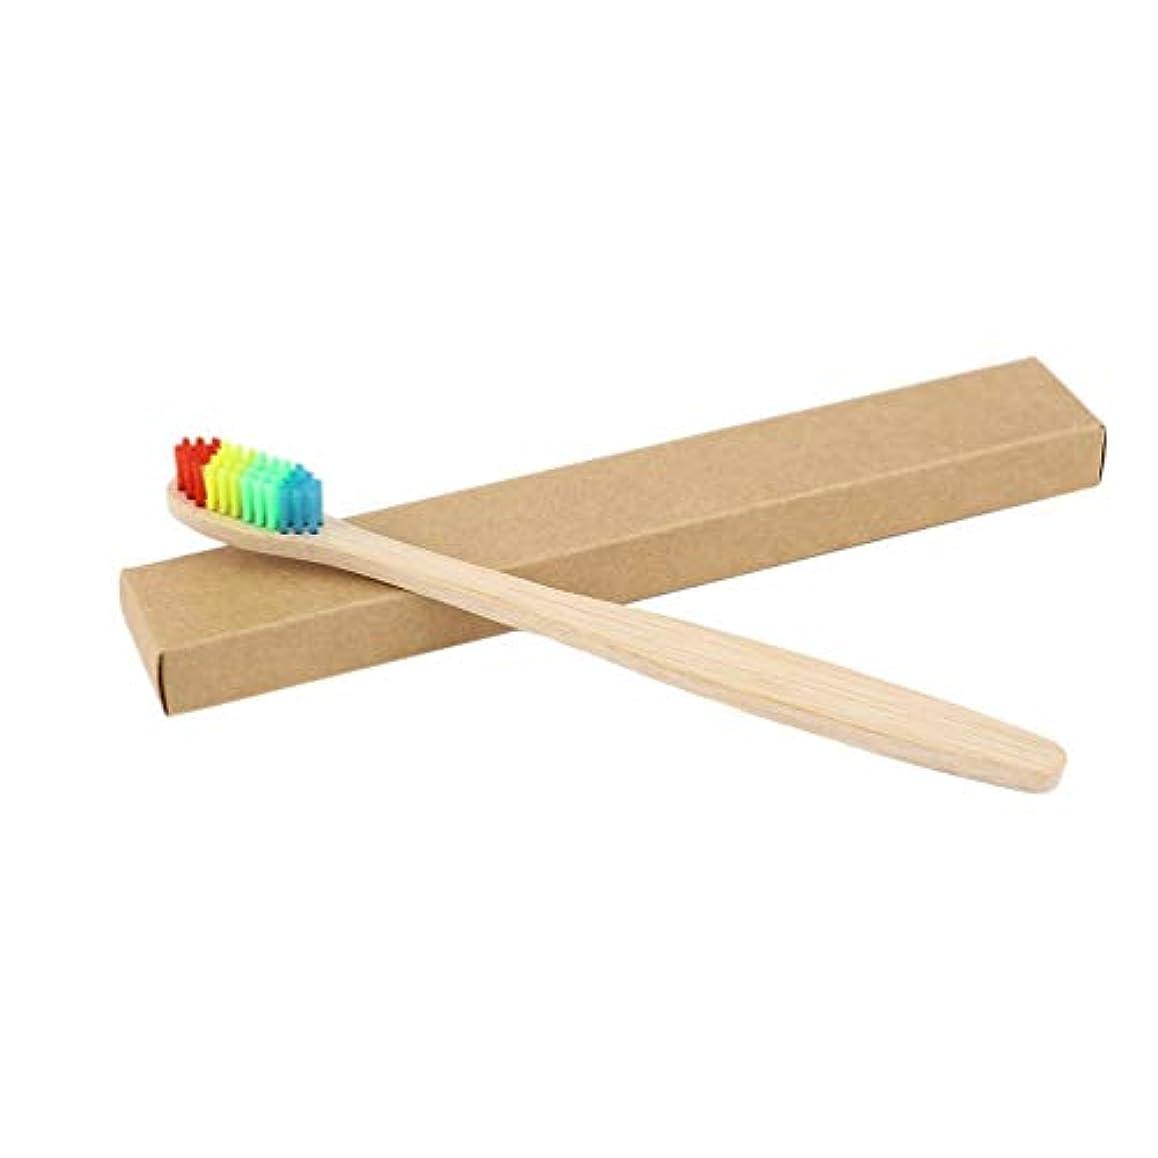 ツール呼吸電池カラフルな髪+竹のハンドル歯ブラシ環境木製の虹竹の歯ブラシオーラルケアソフト剛毛ユニセックス - ウッドカラー+カラフル